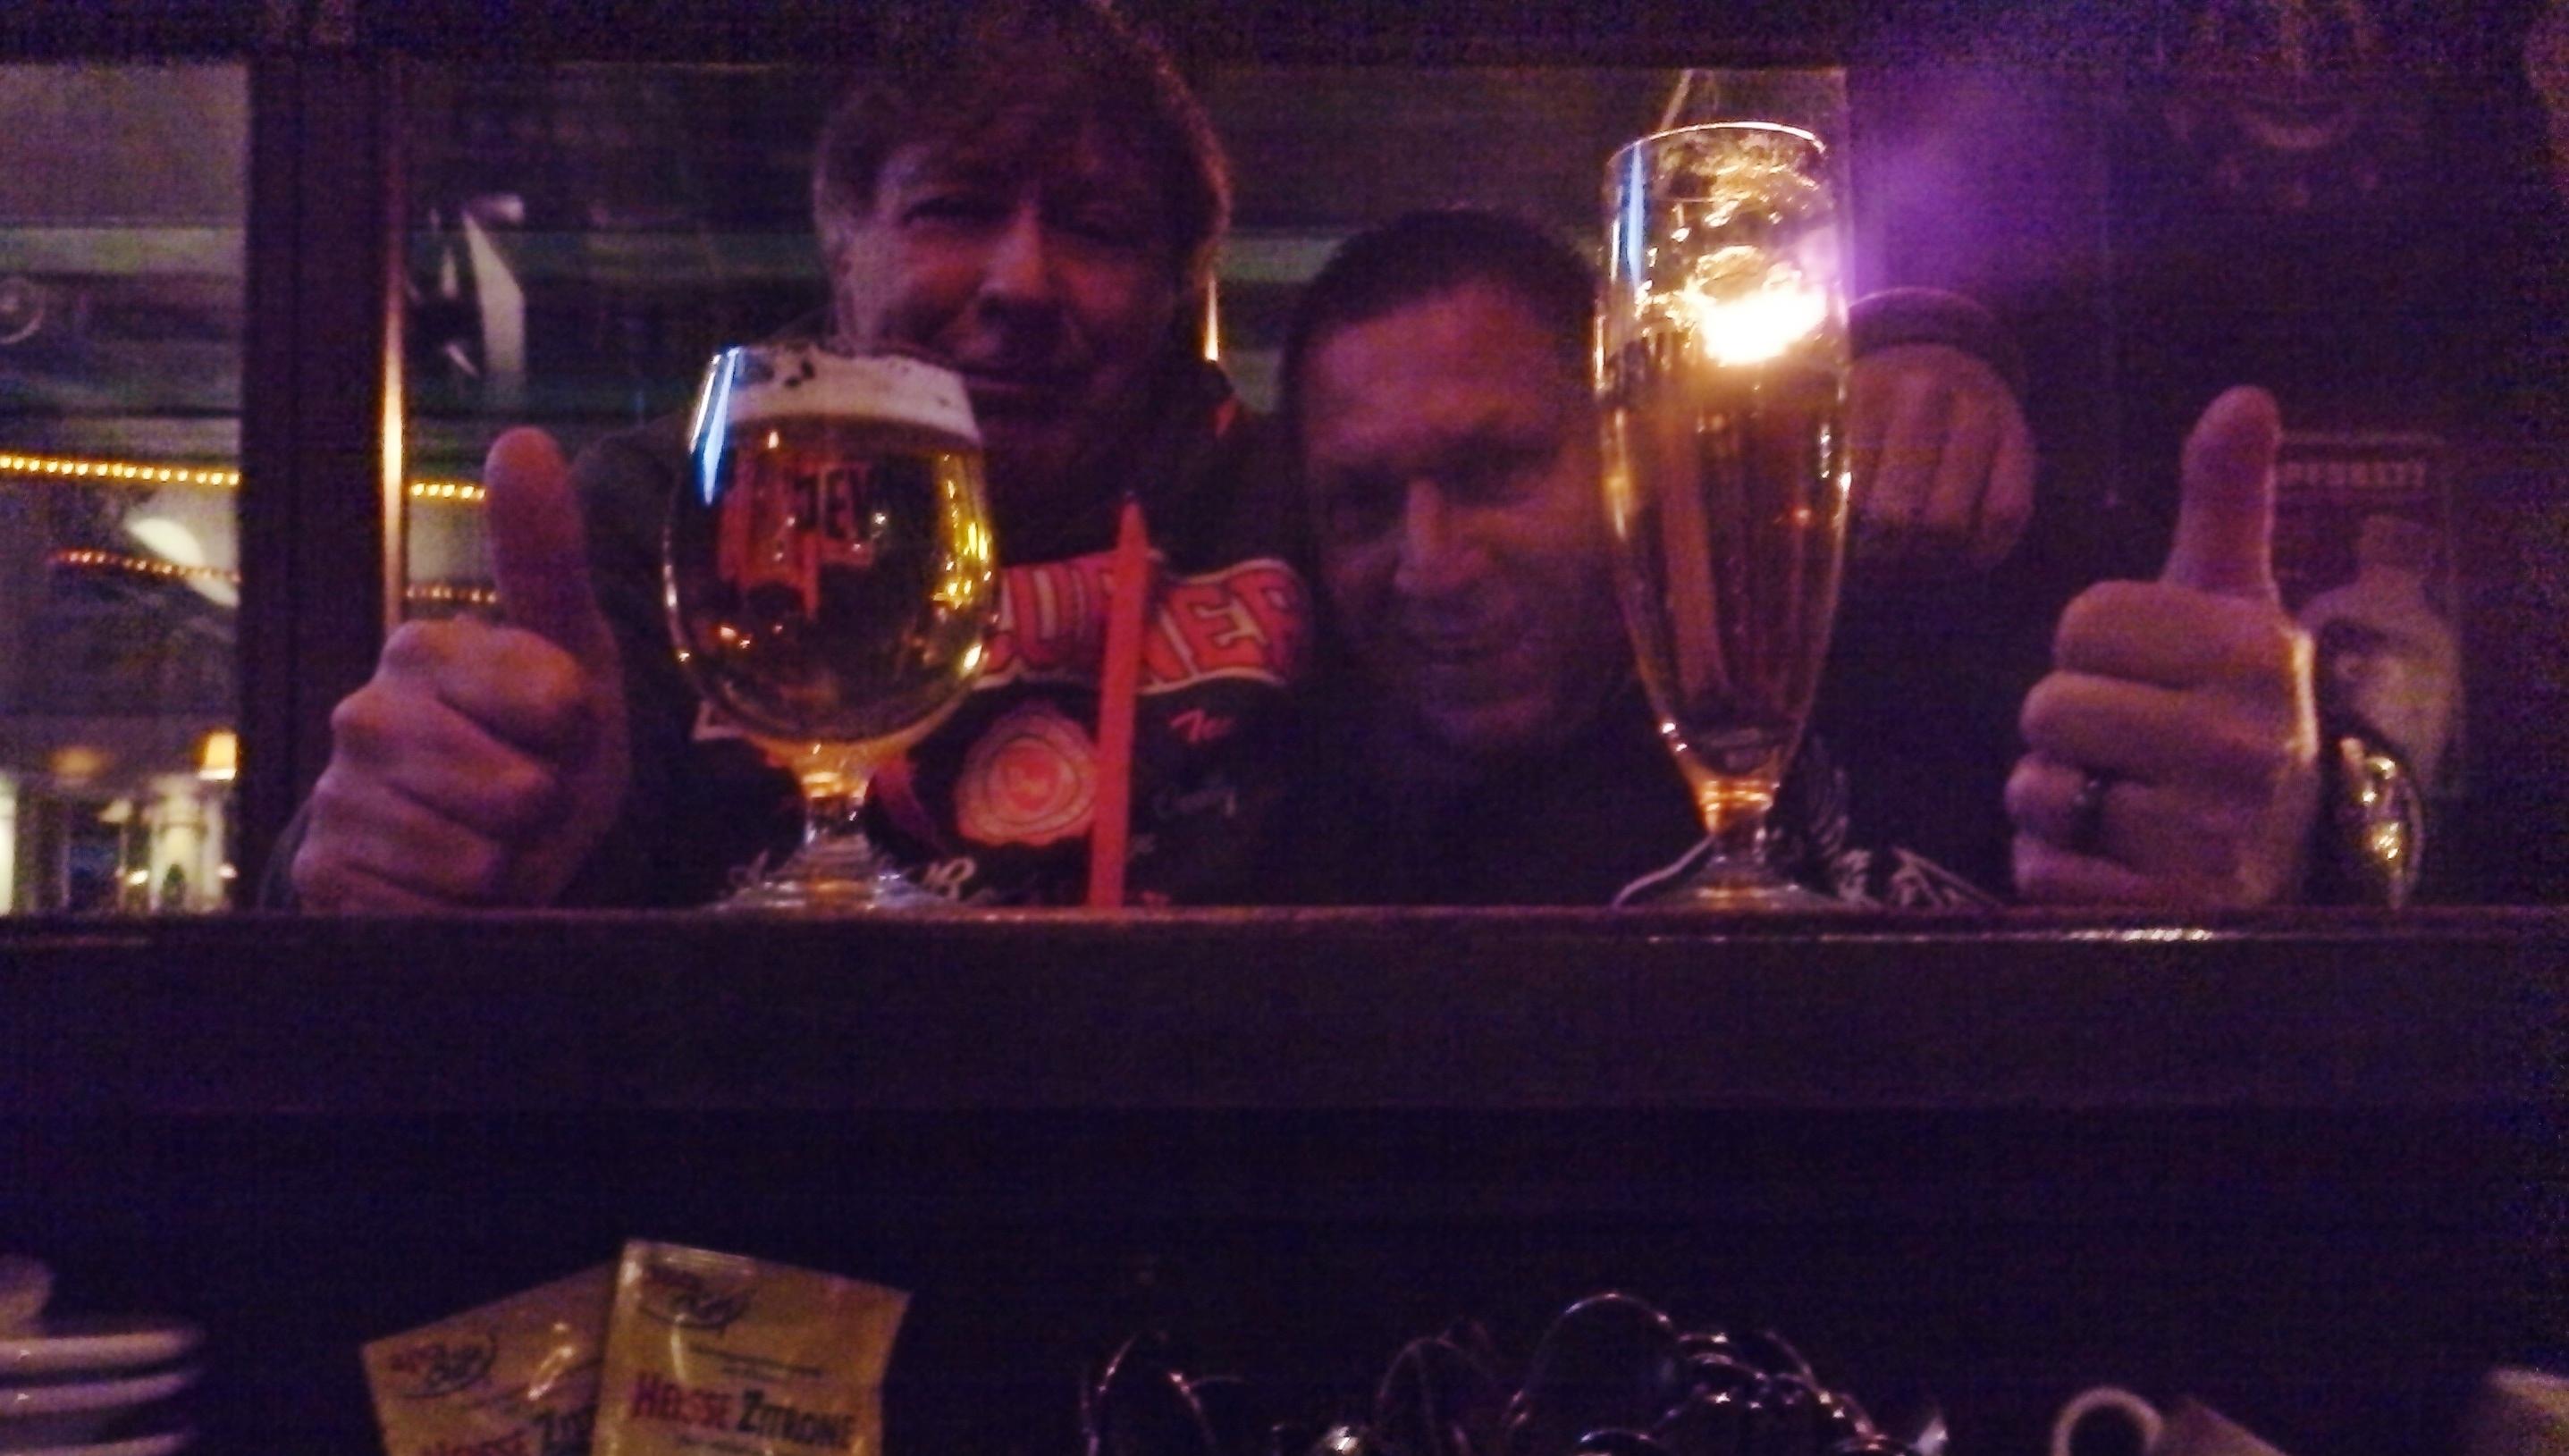 Abschiedsabend mit Karsten im Bierkutscher in Bansin auf der Insel Usedom -